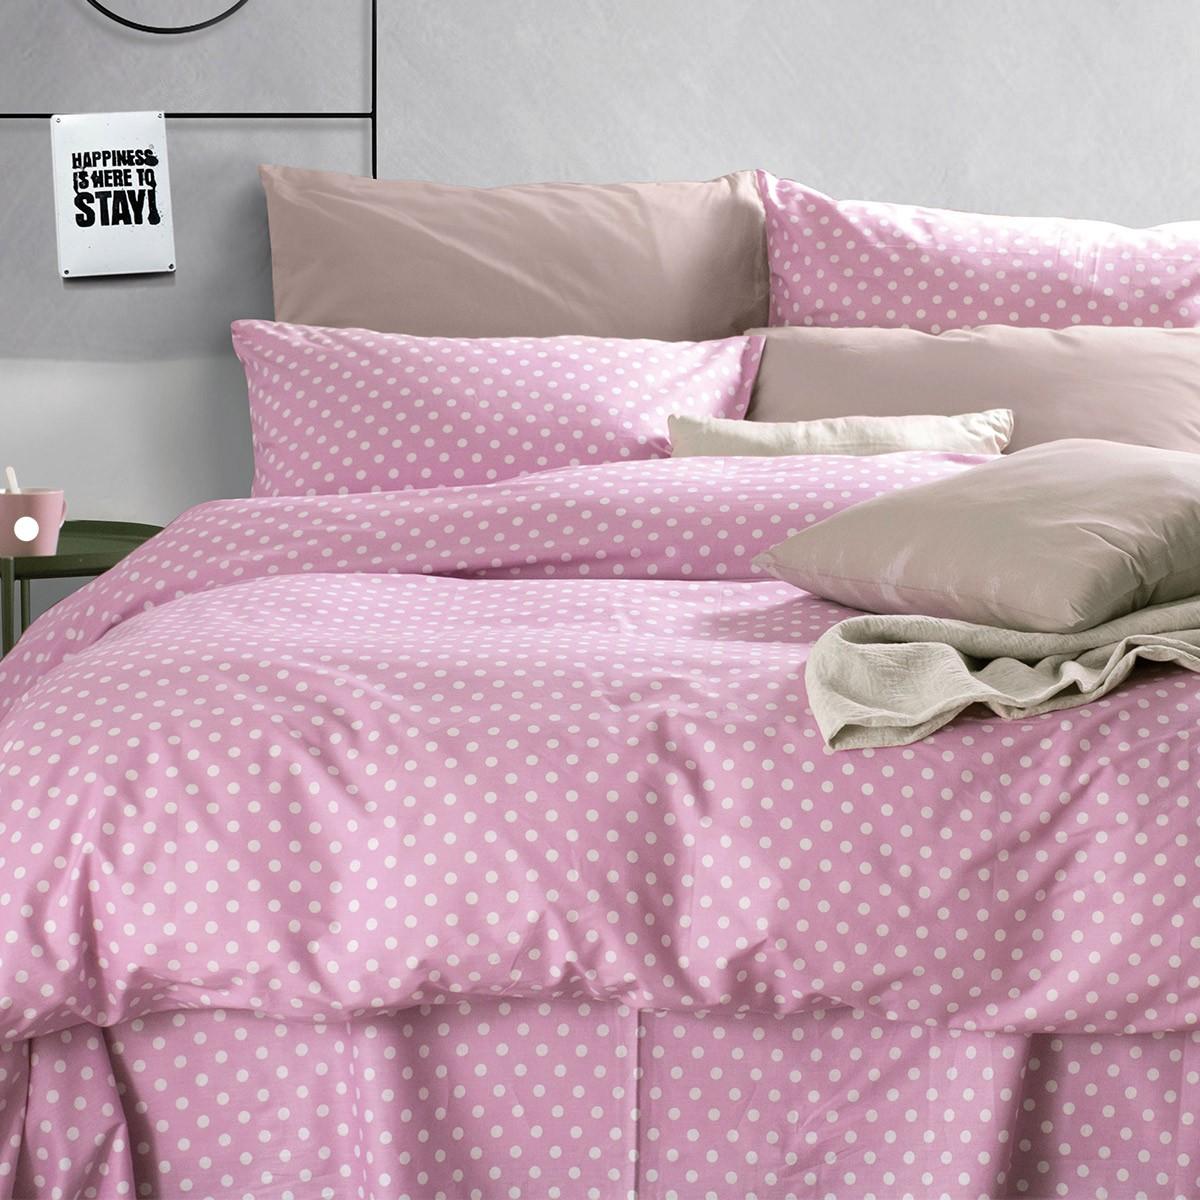 Πάπλωμα Υπέρδιπλο (Σετ) Rythmos Diva Sassy New Pink